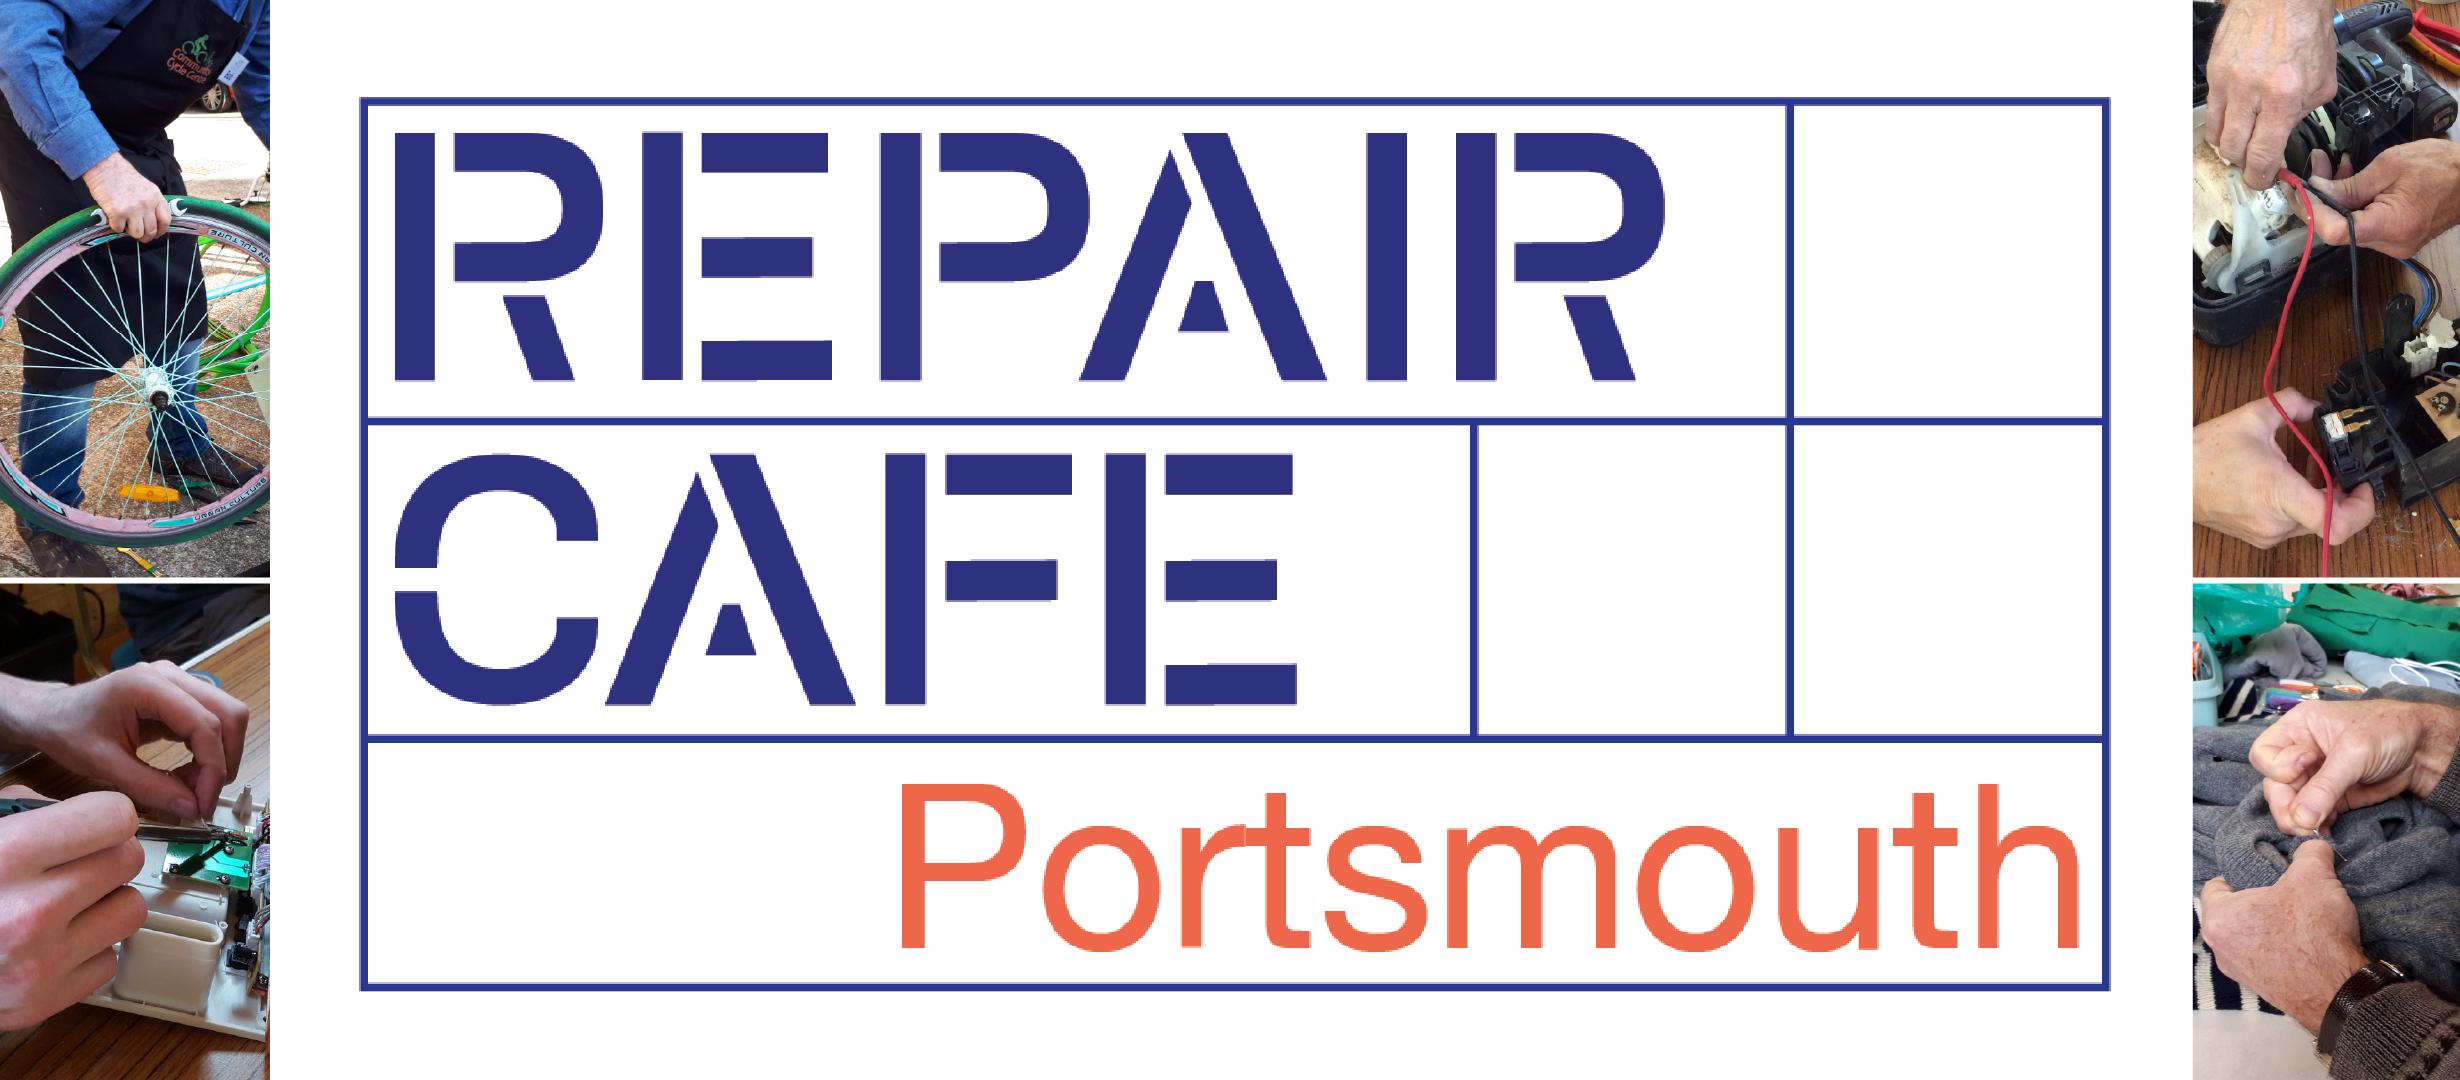 Repair Café - Saturday 19th June 2021